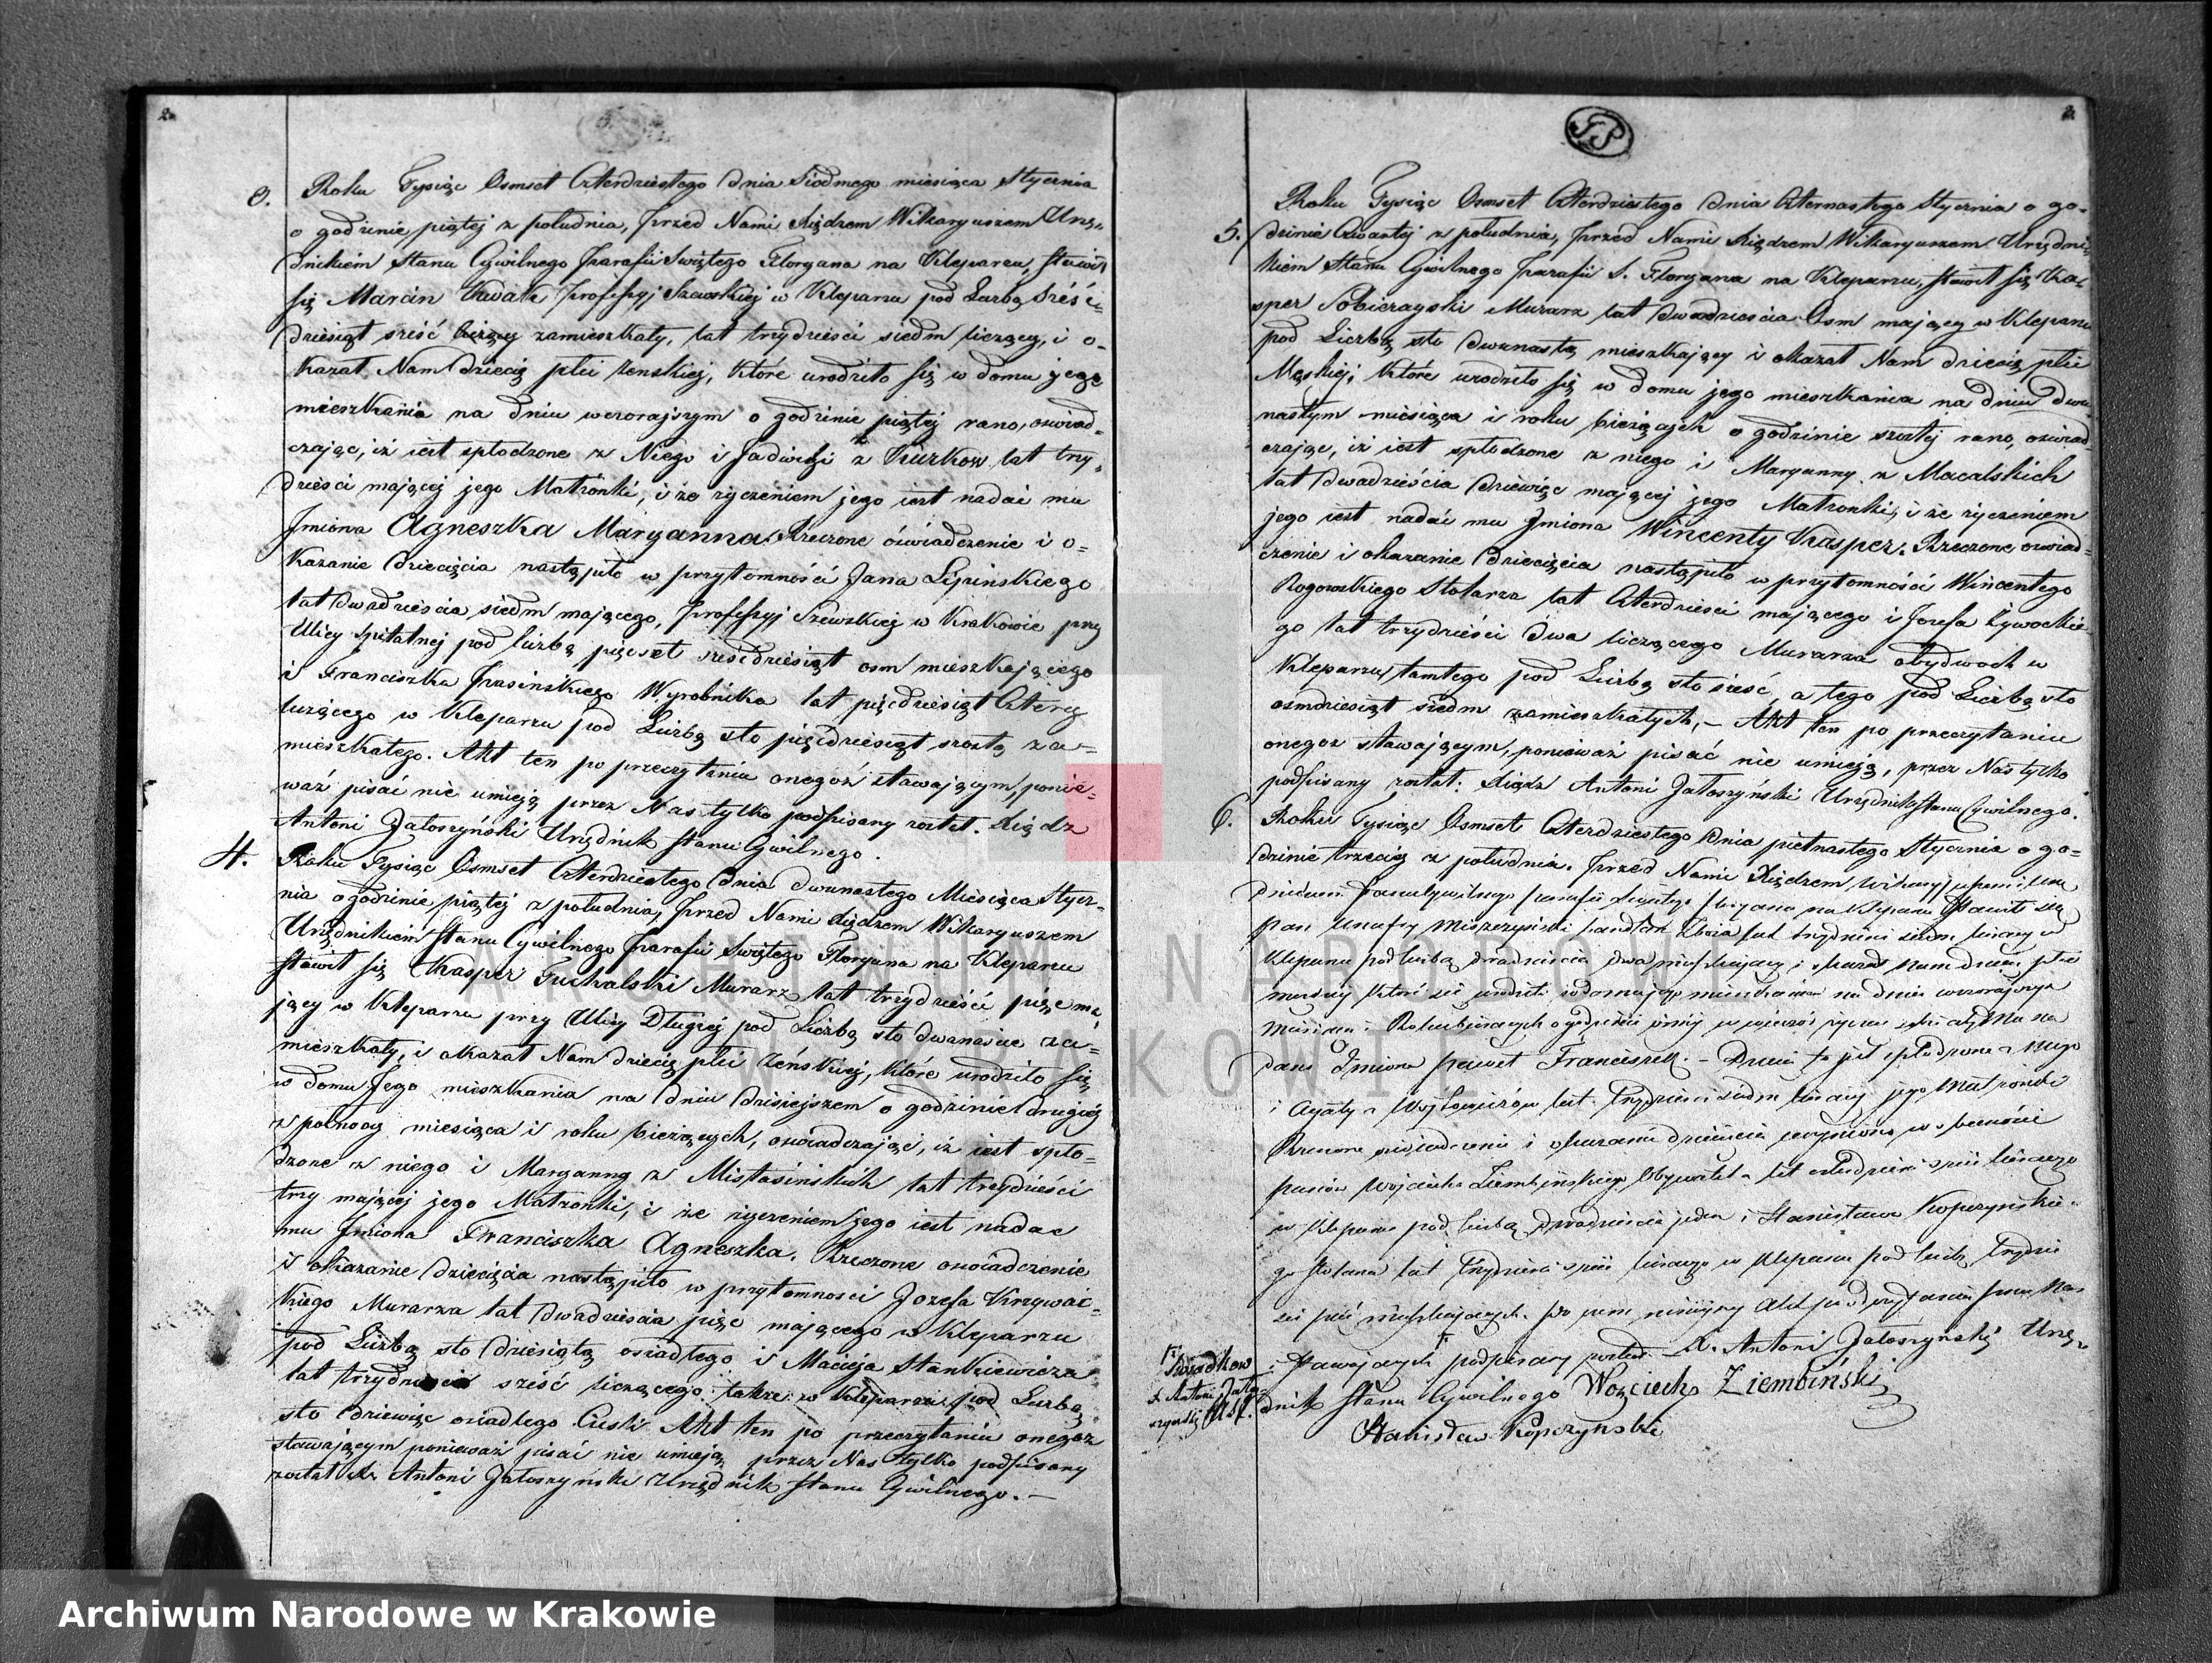 Skan z jednostki: Księga Aktów Urodzenia i Uznania Parafii Sgo Floryana na Rok 1840